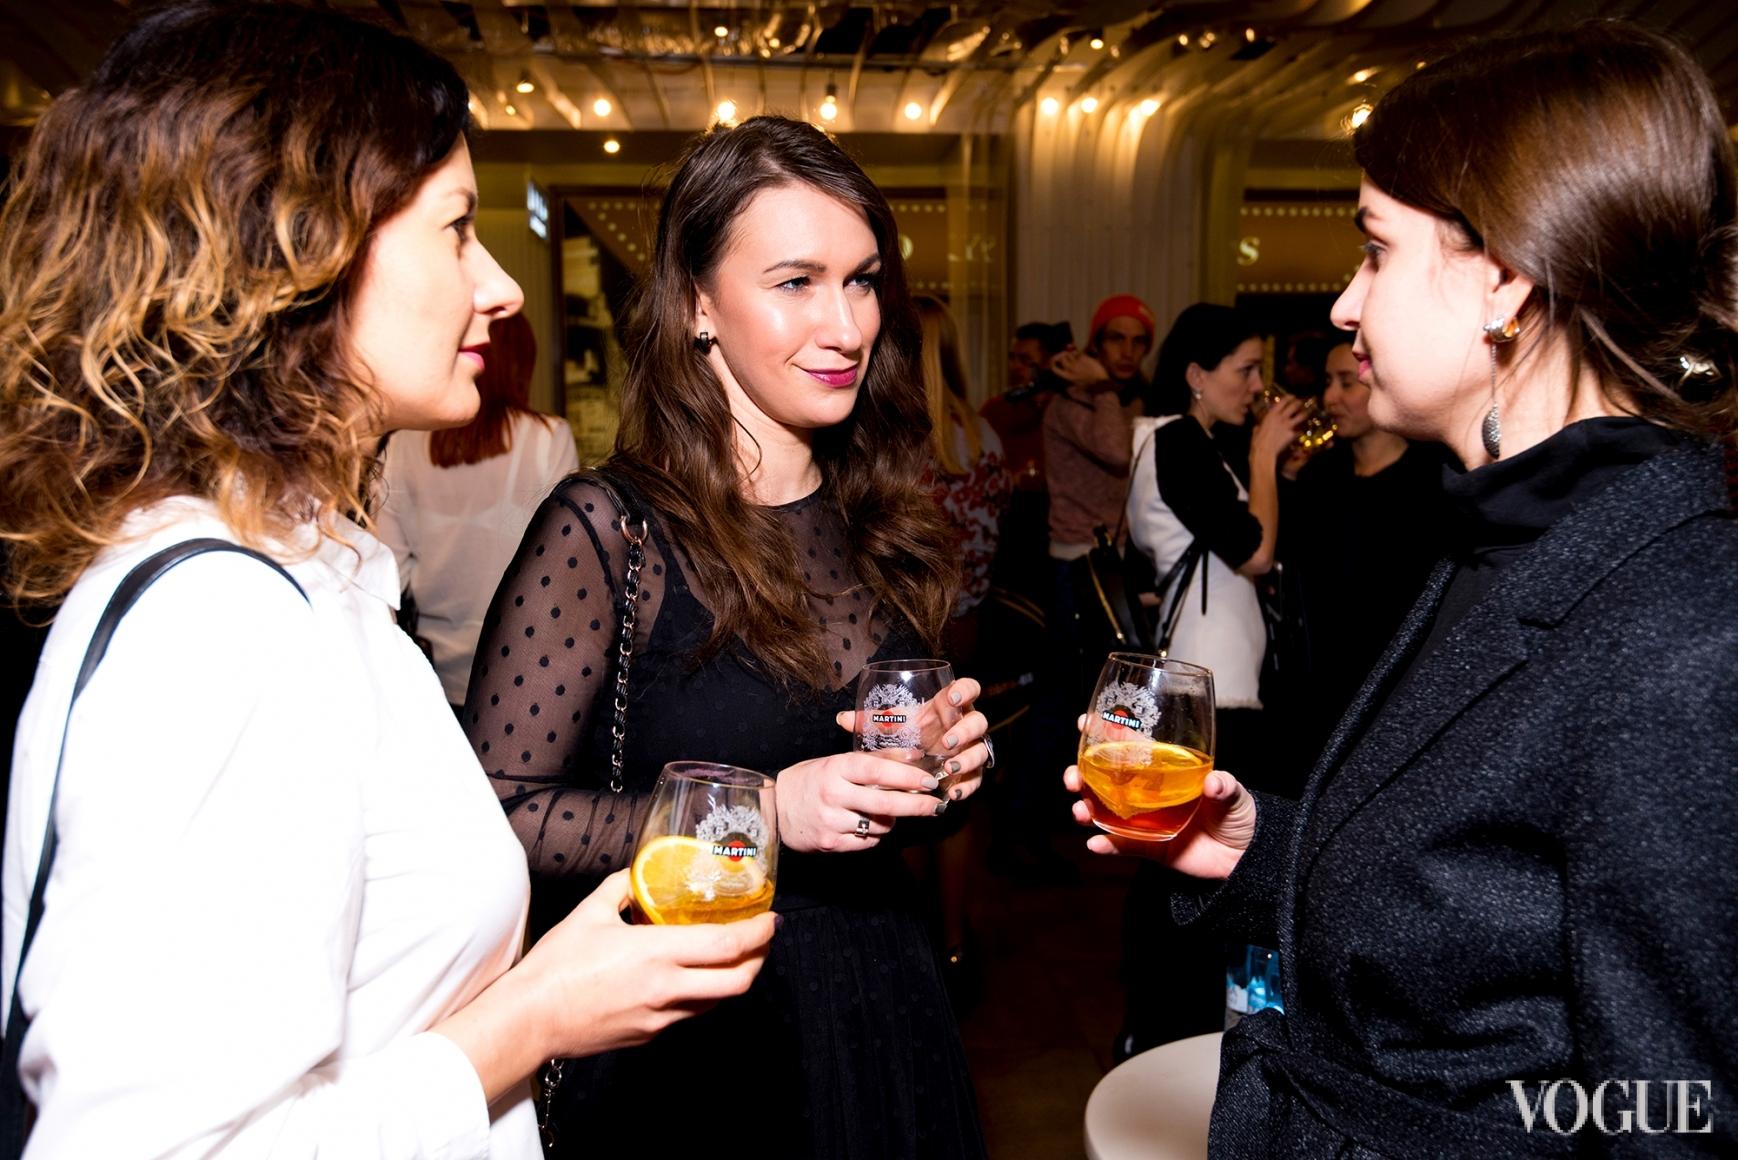 Светлана Рощук, Дарья Слободяник и Елена Добрынская